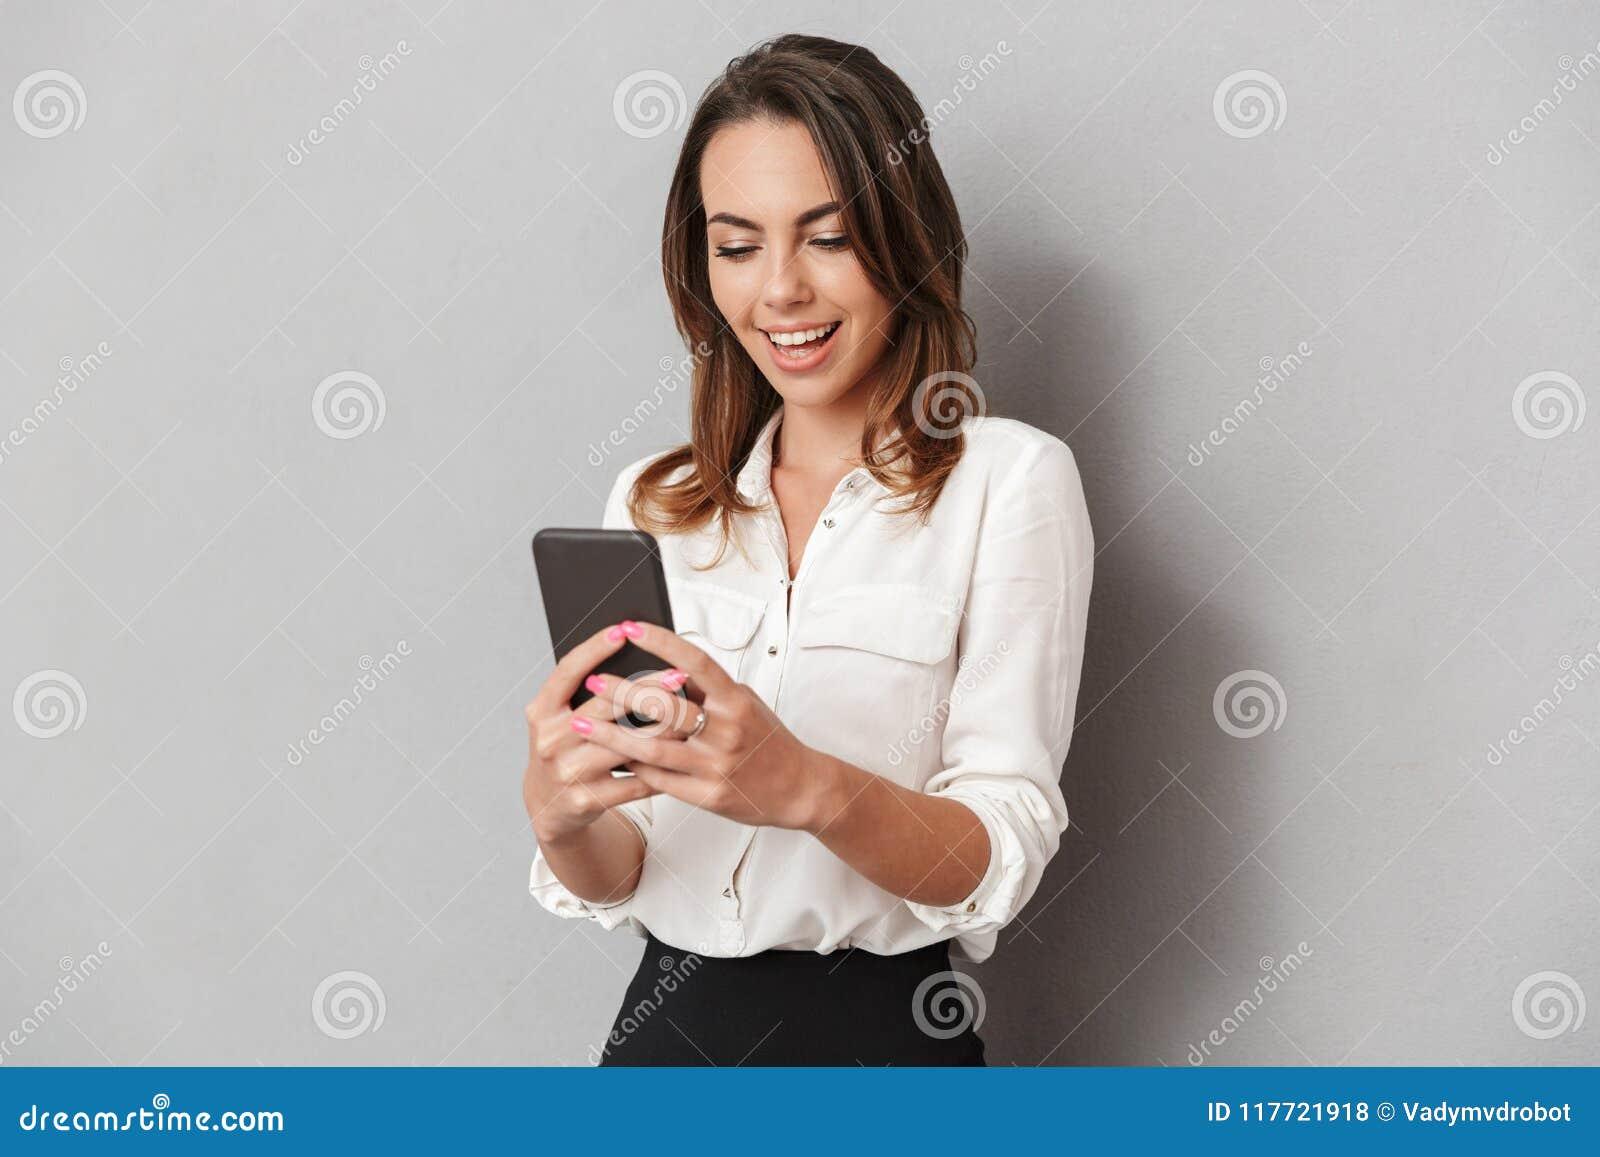 Portret van een vrolijke jonge bedrijfsvrouw